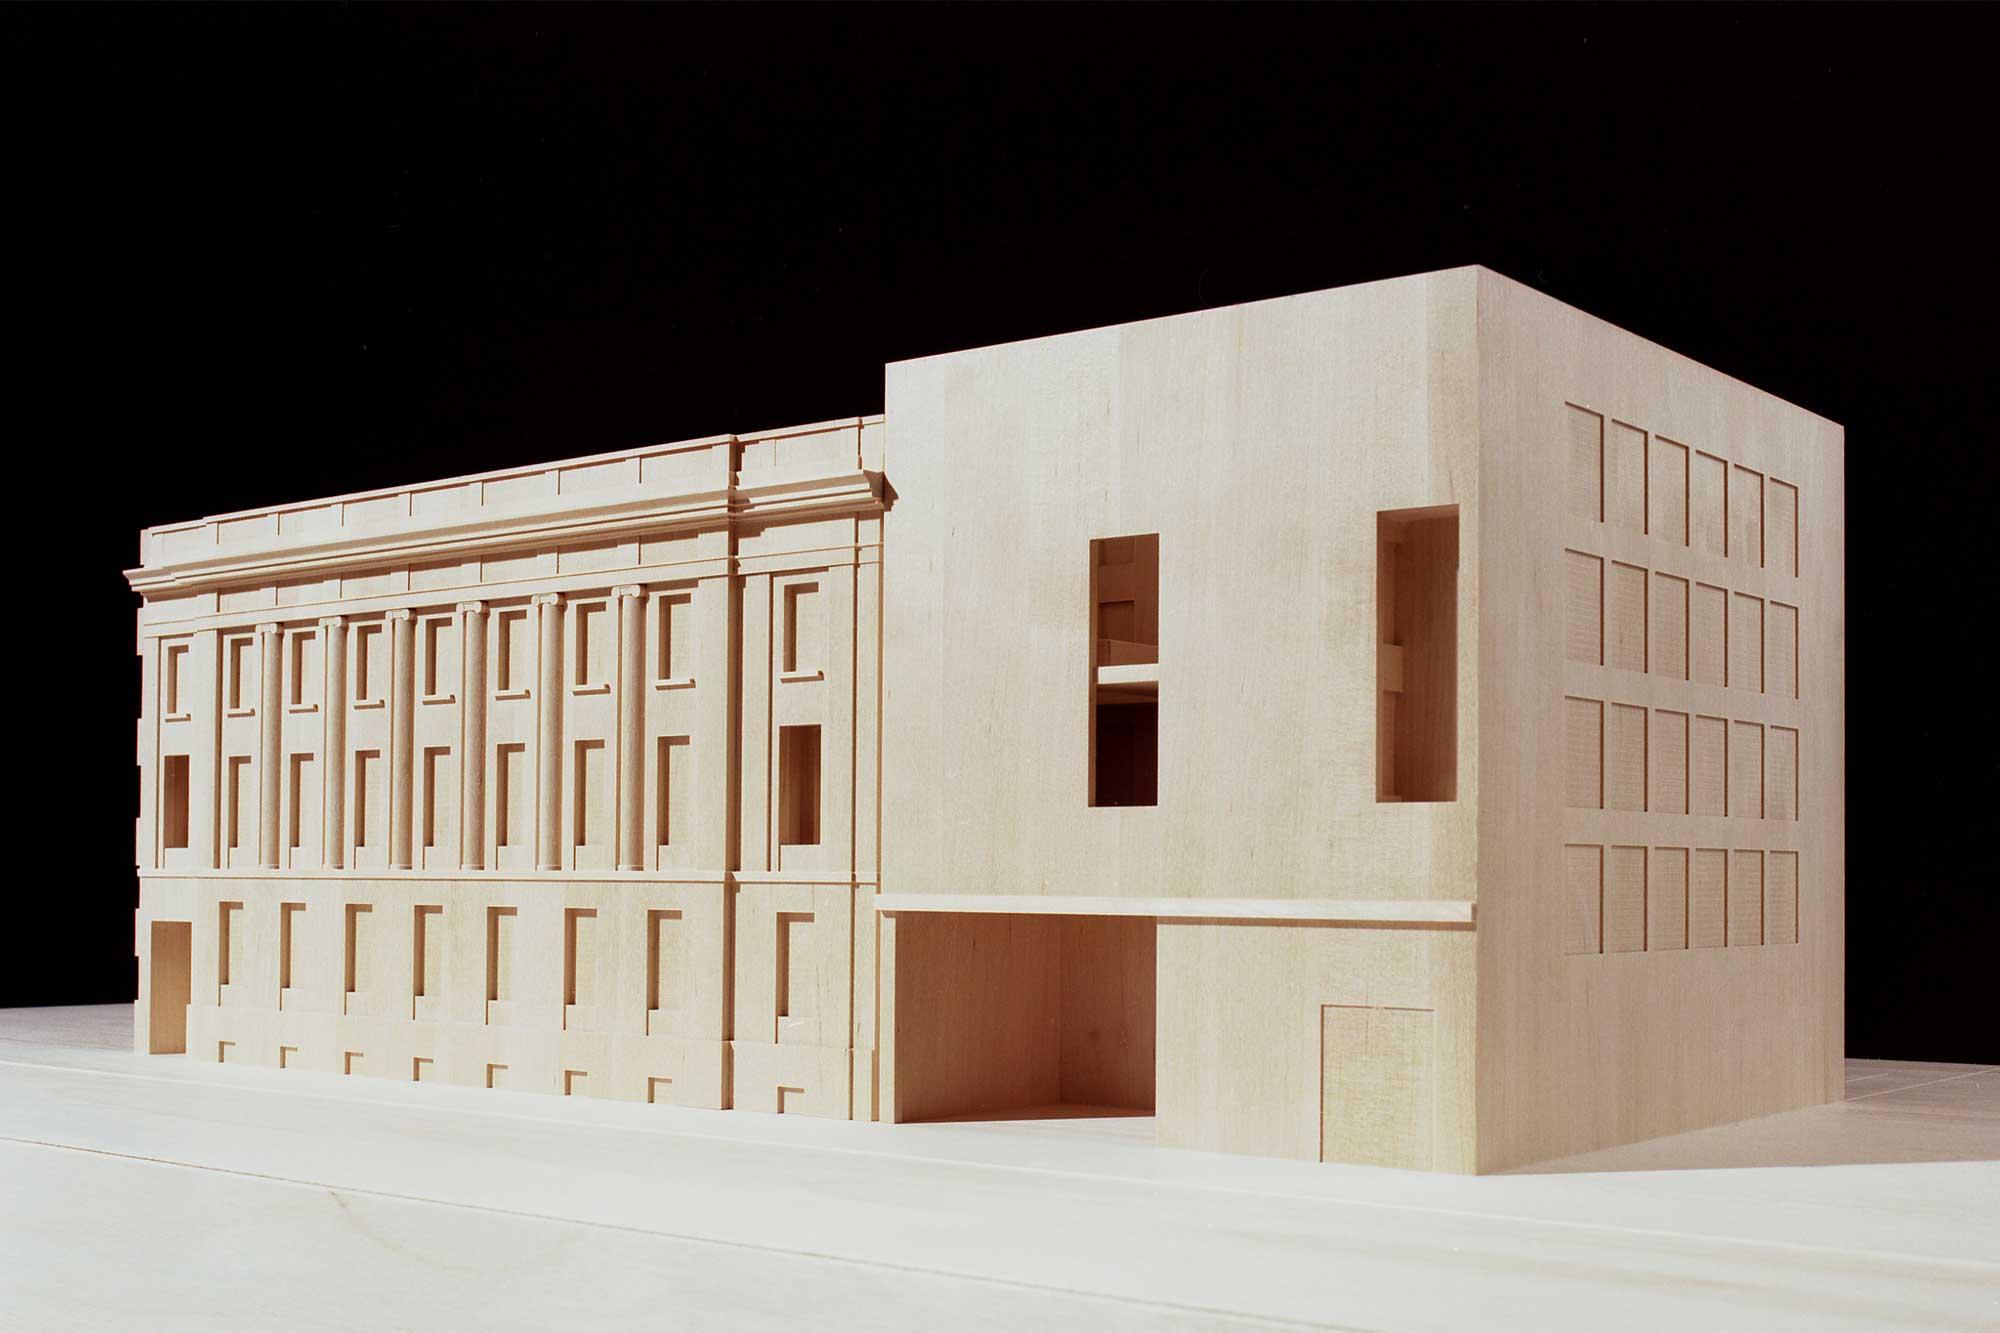 Modell der Schweizer Botschaft Berlin - Eingangssituation